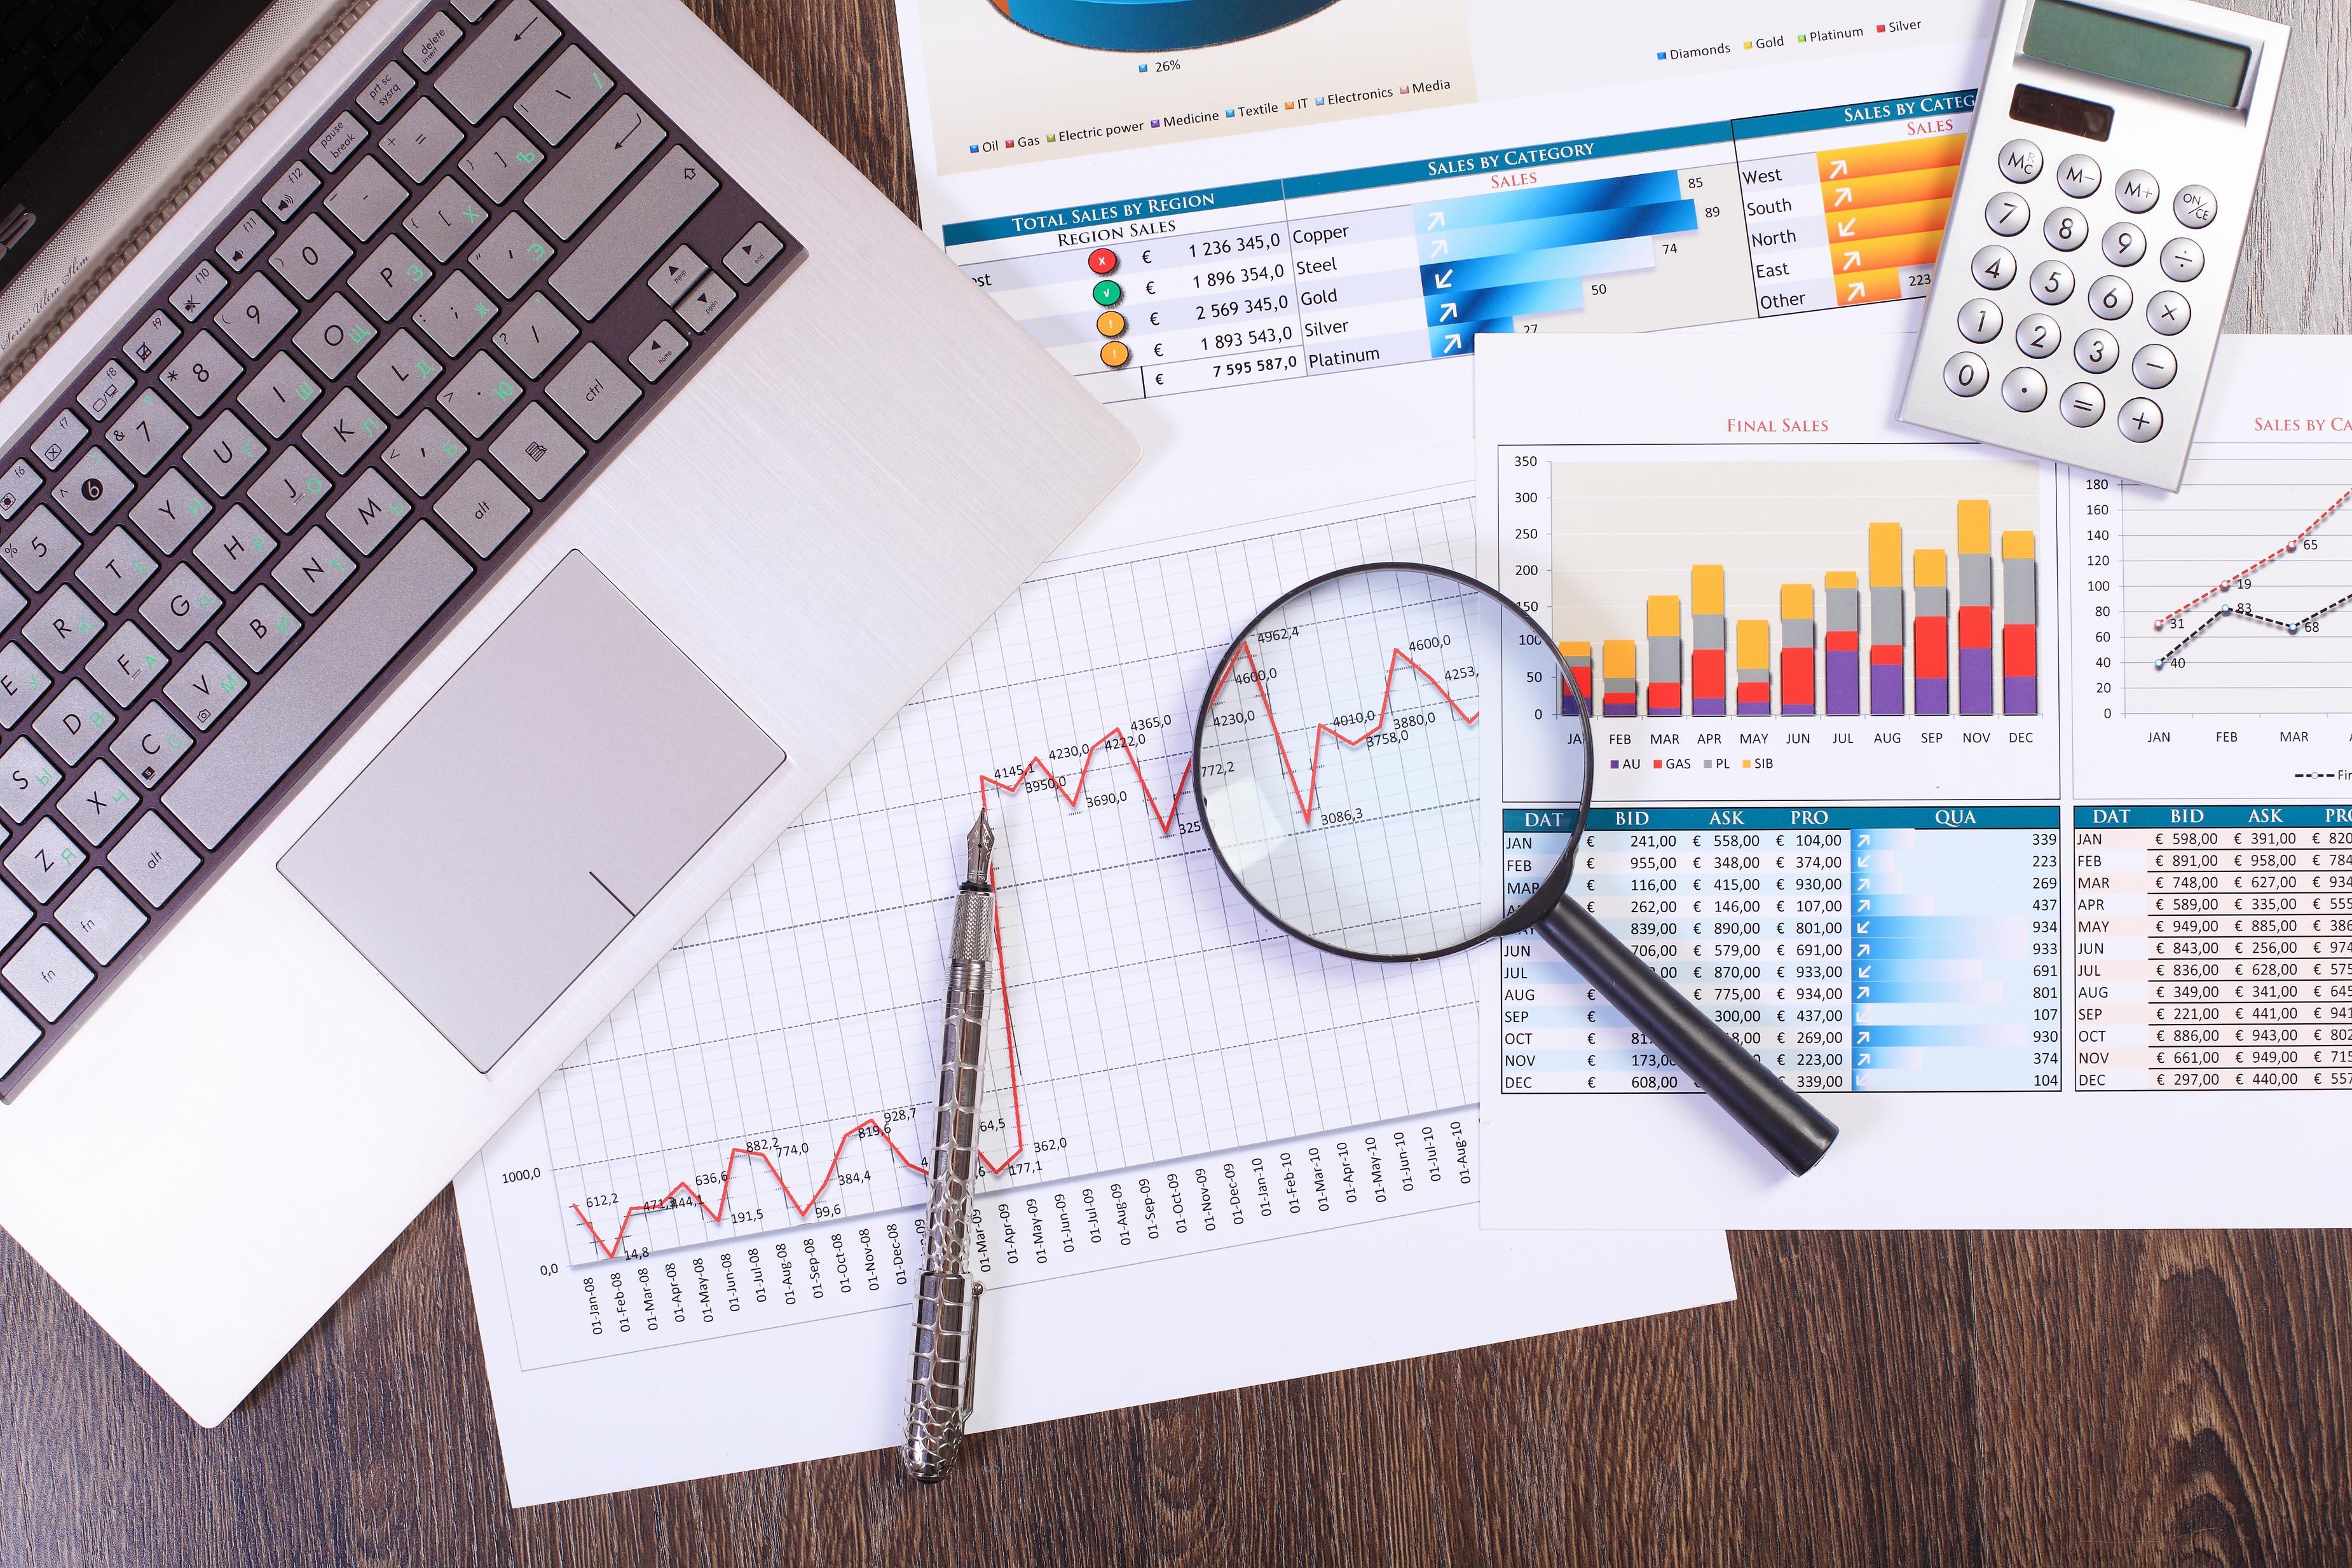 mesa com papeis e computador usados na engenharia econômica